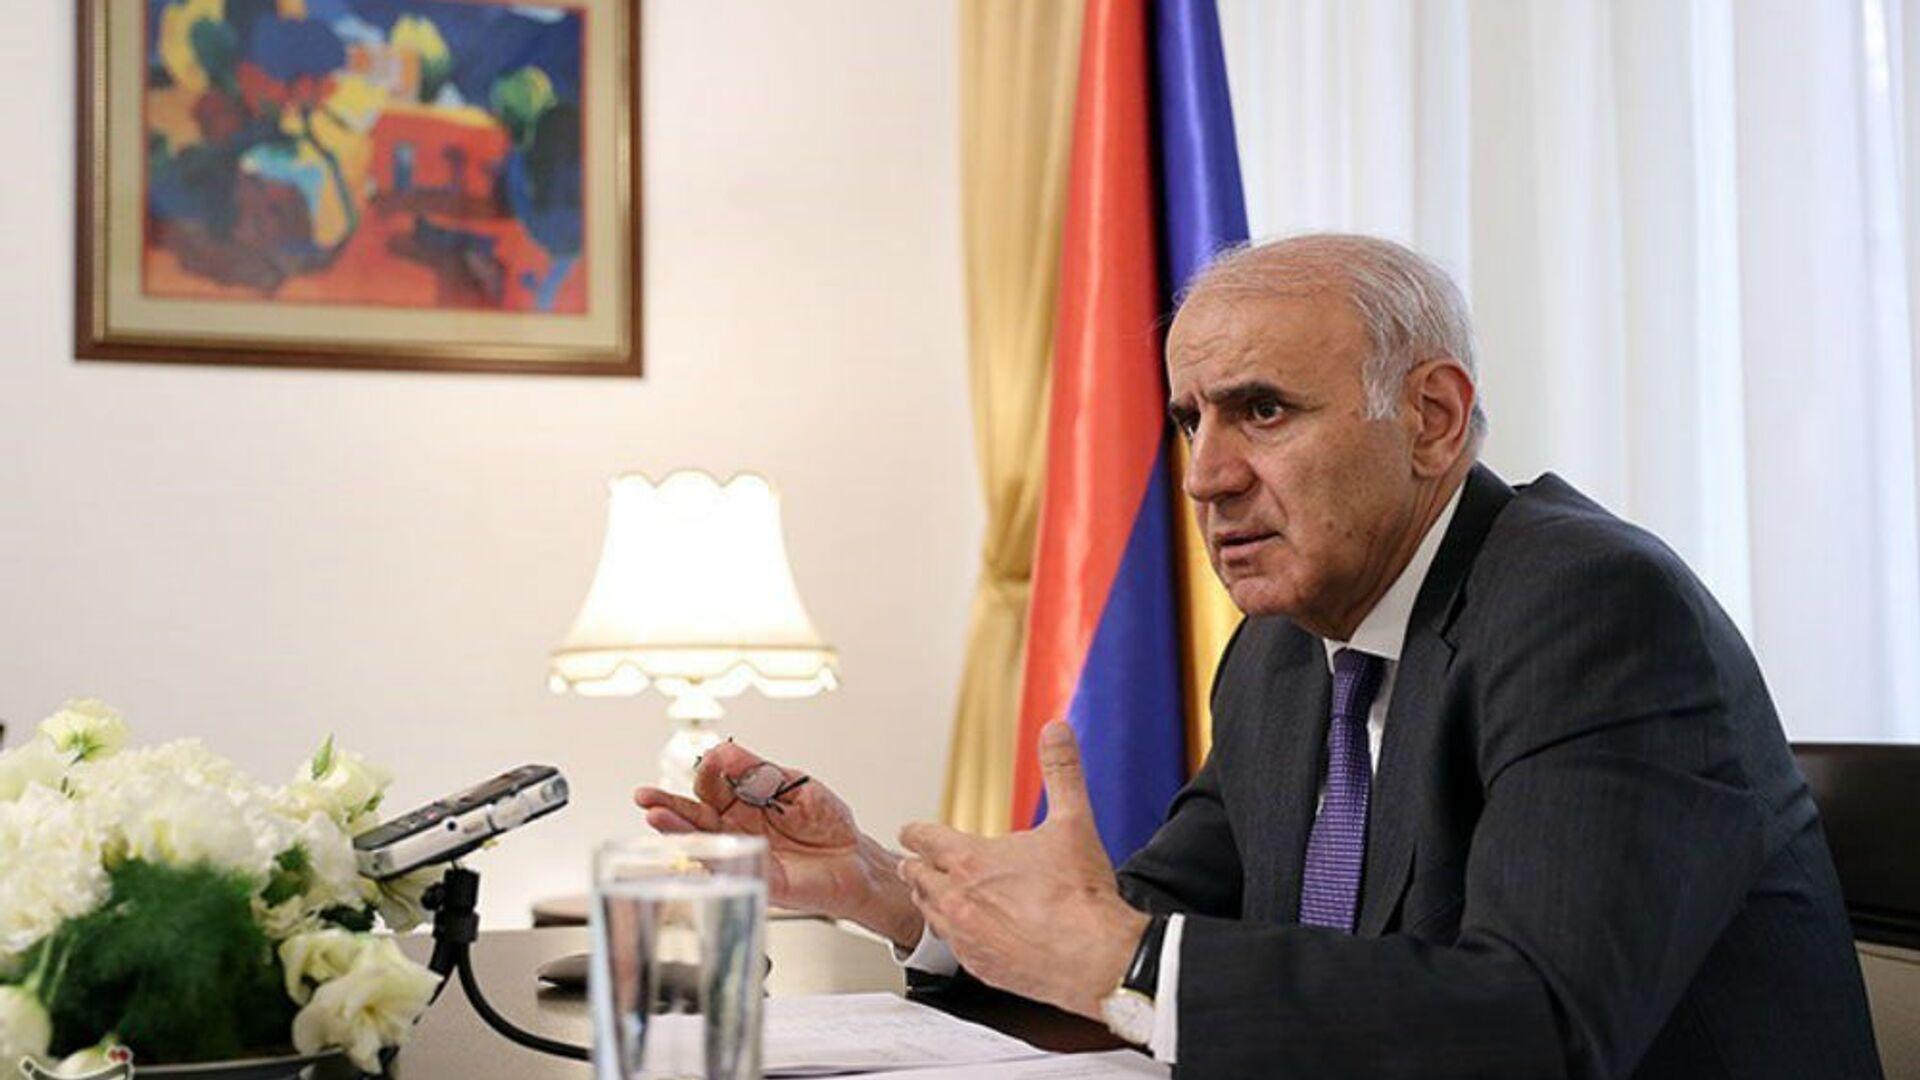 Чрезвычайный и полномочный посол Армении в Иране Арташес Туманян (2 декабря 2017). - Sputnik Армения, 1920, 13.05.2021